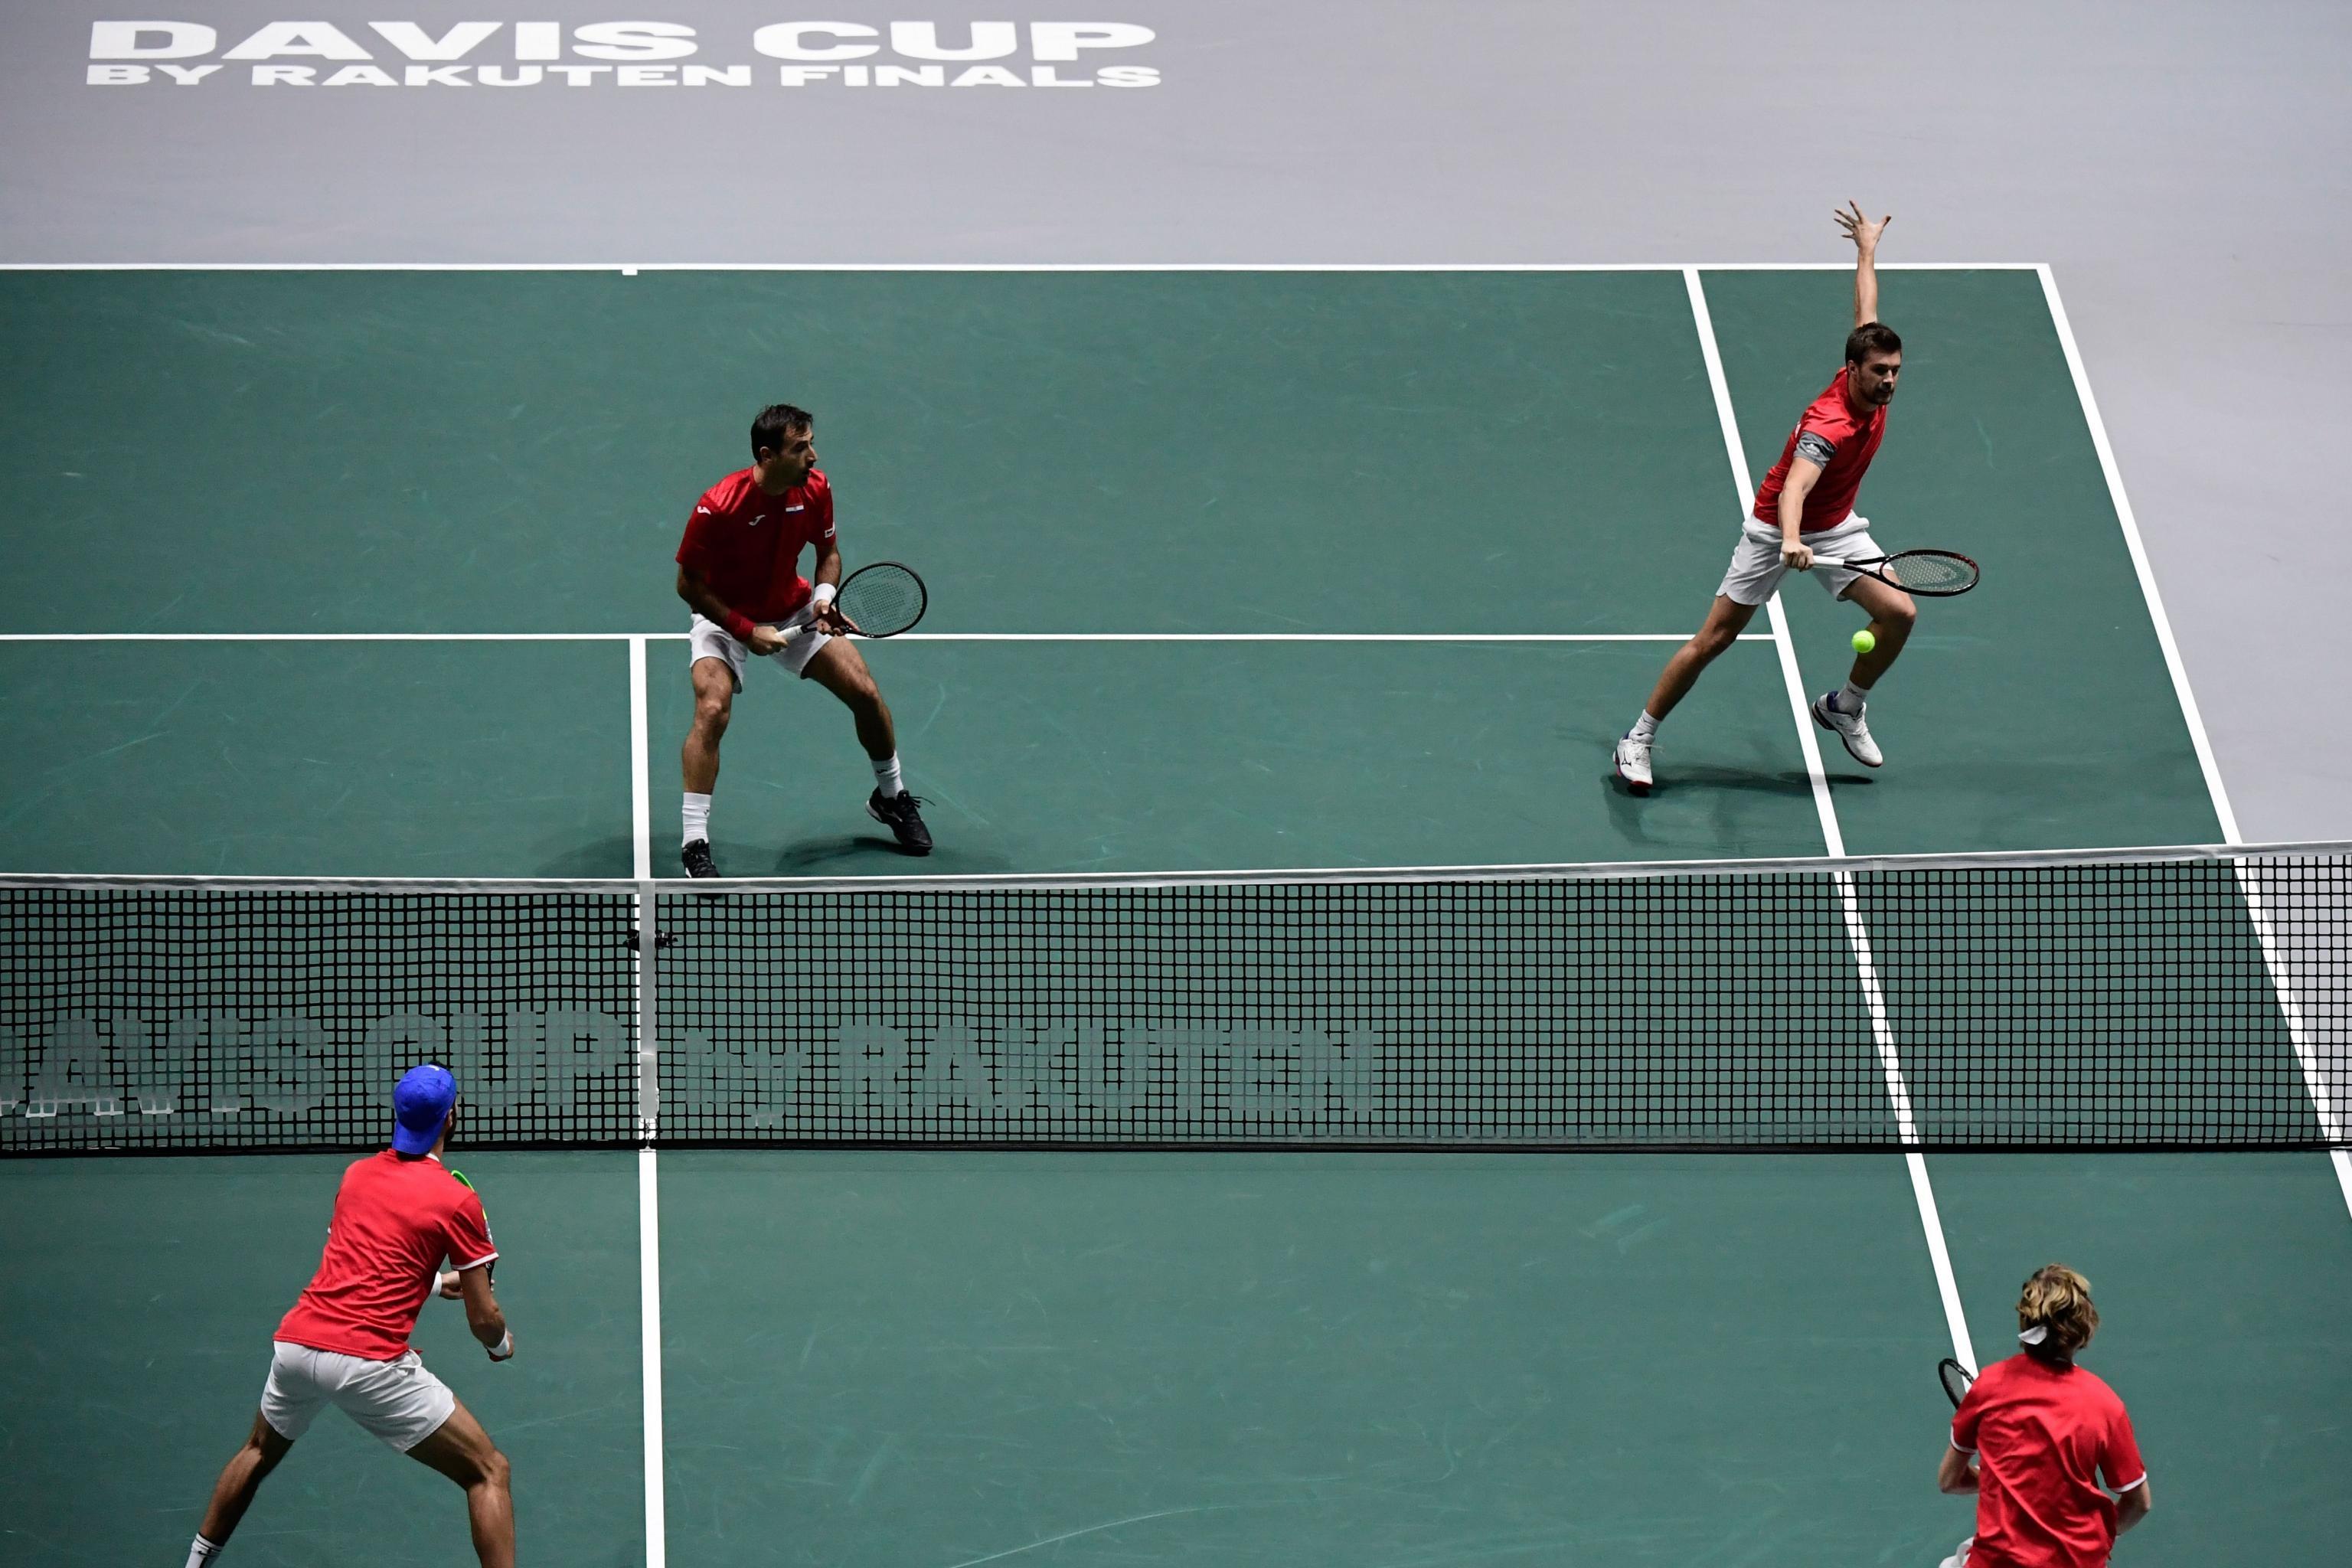 Ngày thi đấu Davis Cup 2021 cùng thể thức mới -0